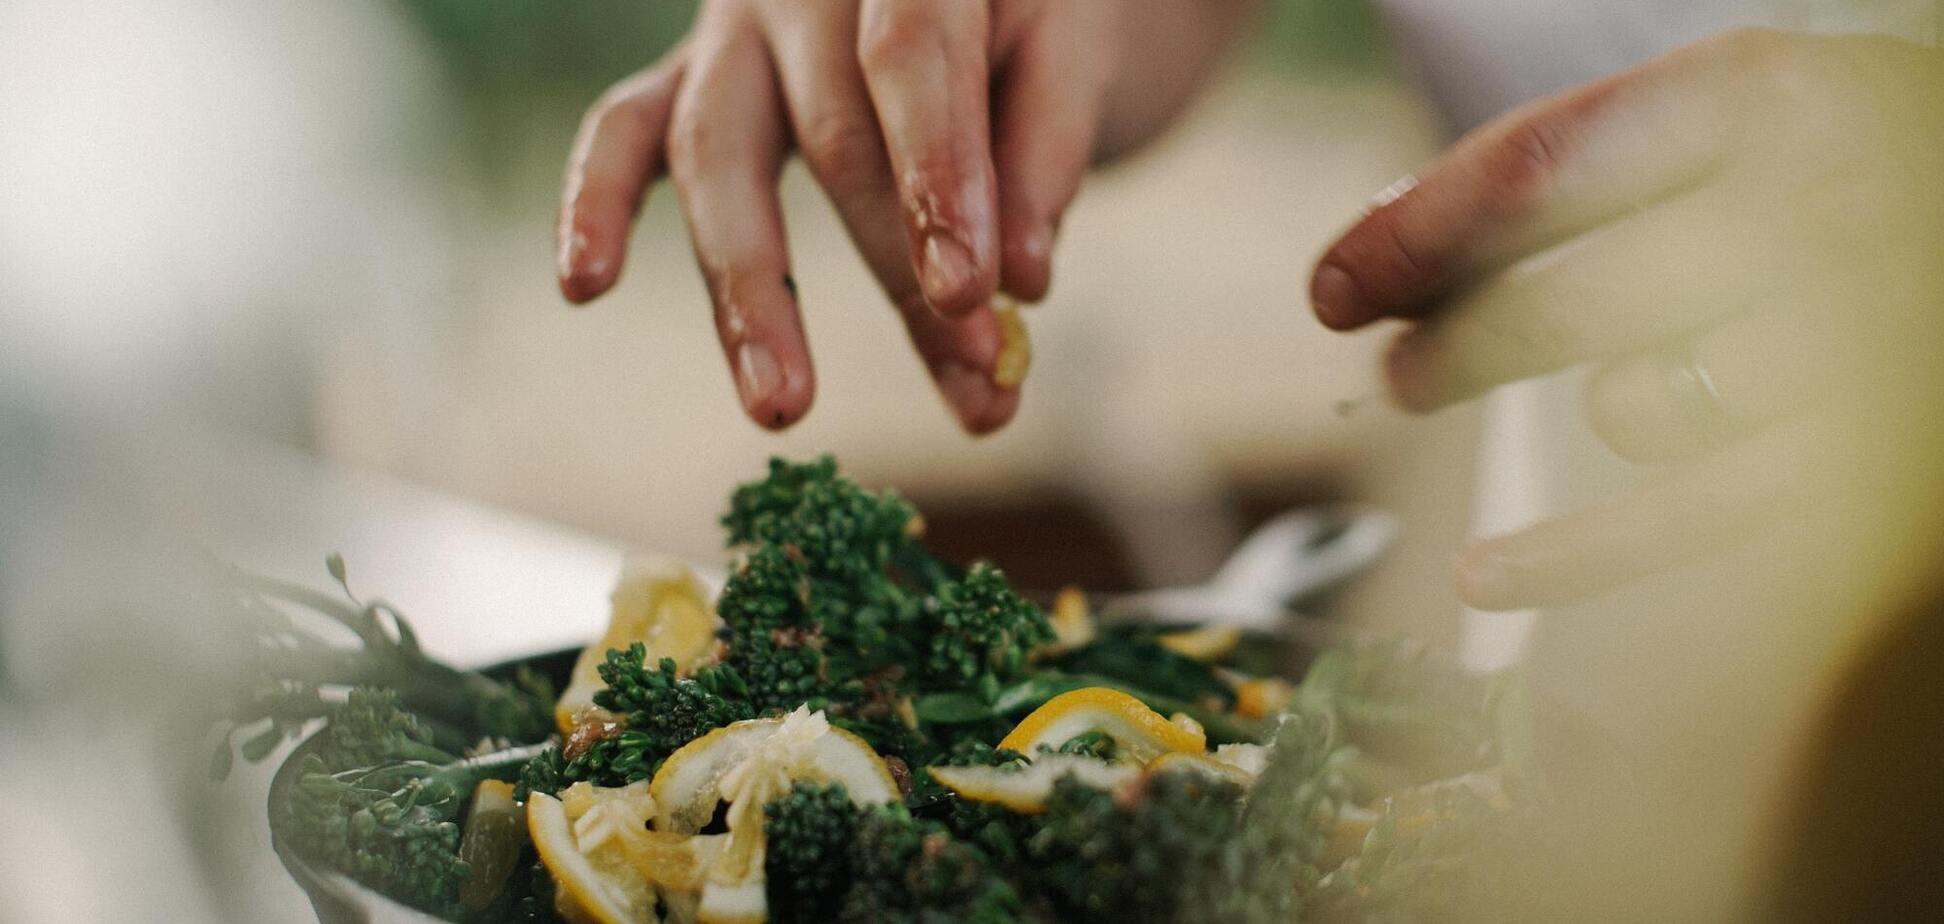 Как правильно готовить еду: 7 советов, которые пригодятся каждому